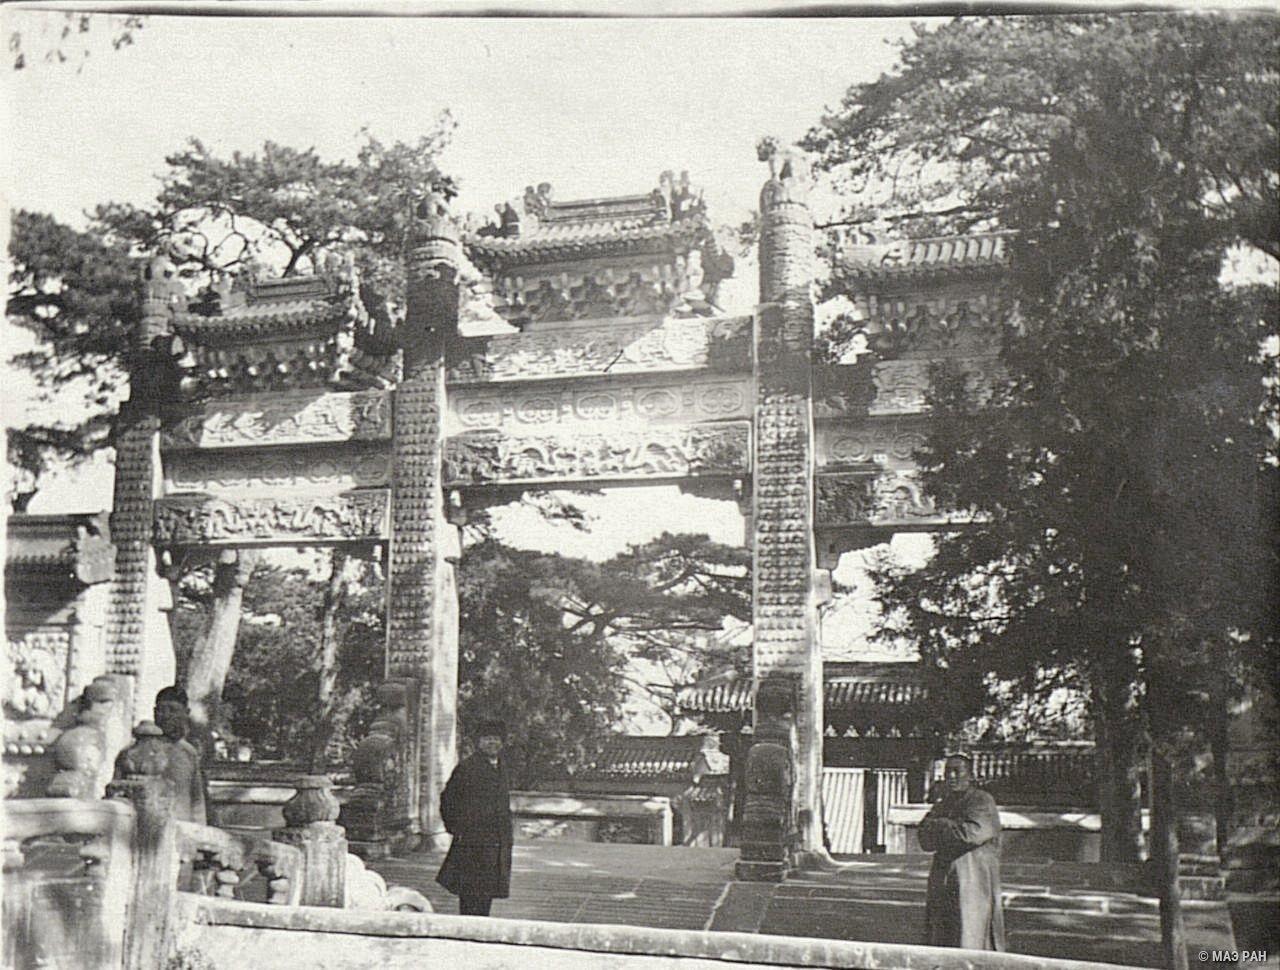 Ворота храма, где временно хранились останки Сунь Ятсена (1866-1925), основателя политической партии Гоминдан